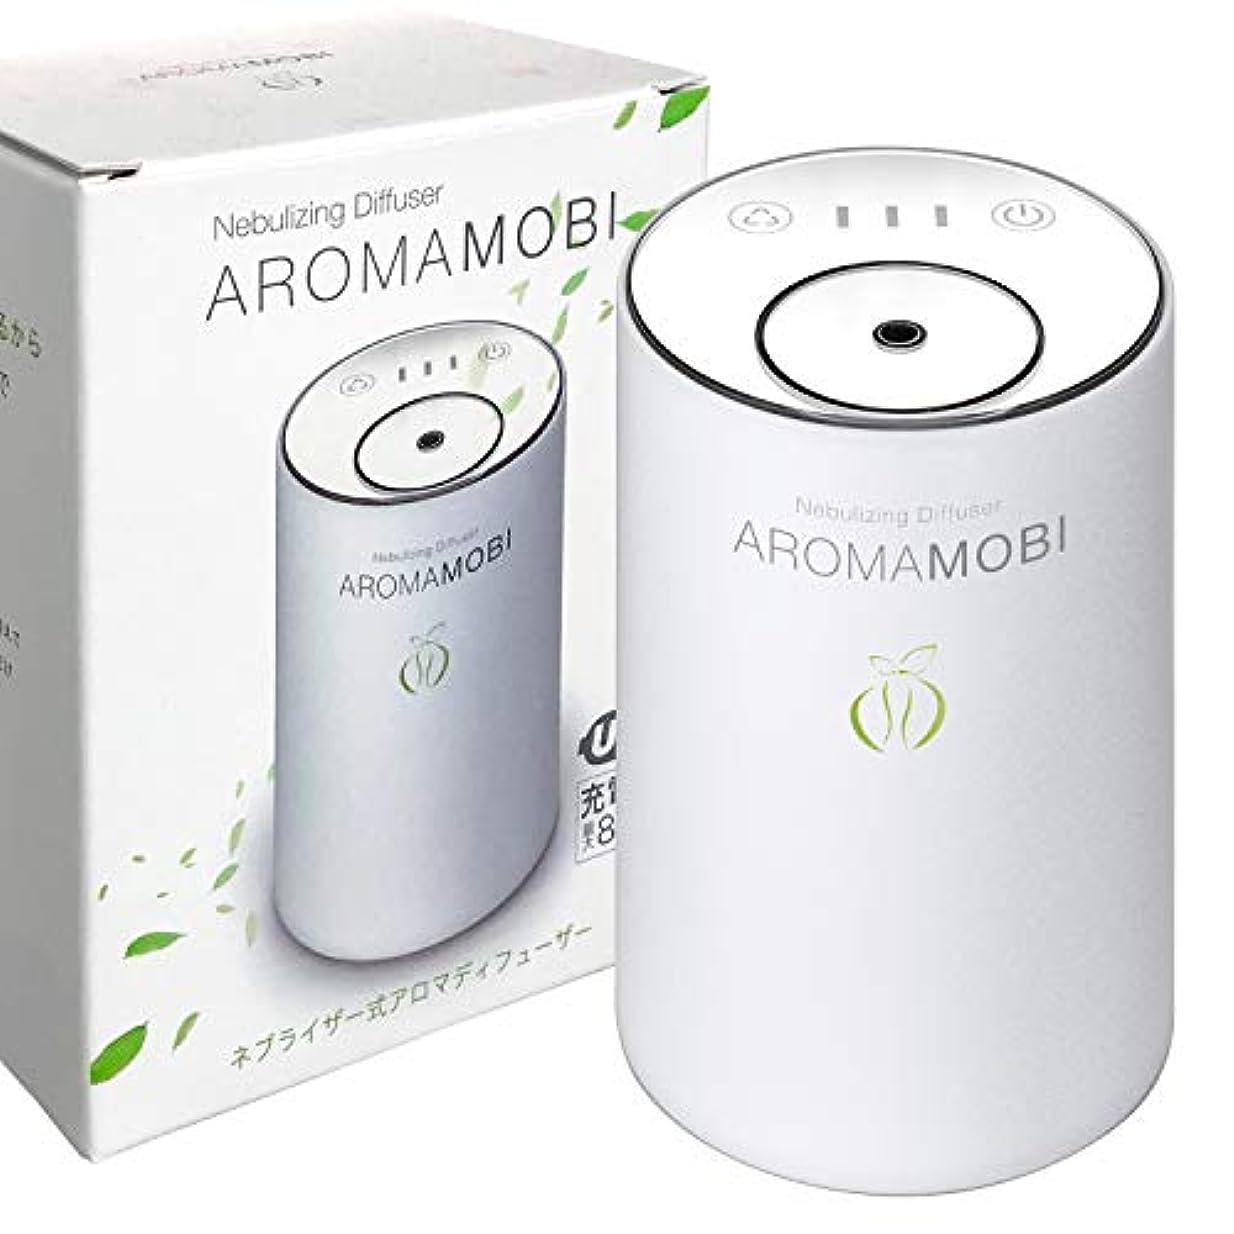 ストラトフォードオンエイボン緊張する気味の悪いfunks AROMA MOBI 充電式 アロマディフューザー ネブライザー式 ホワイト